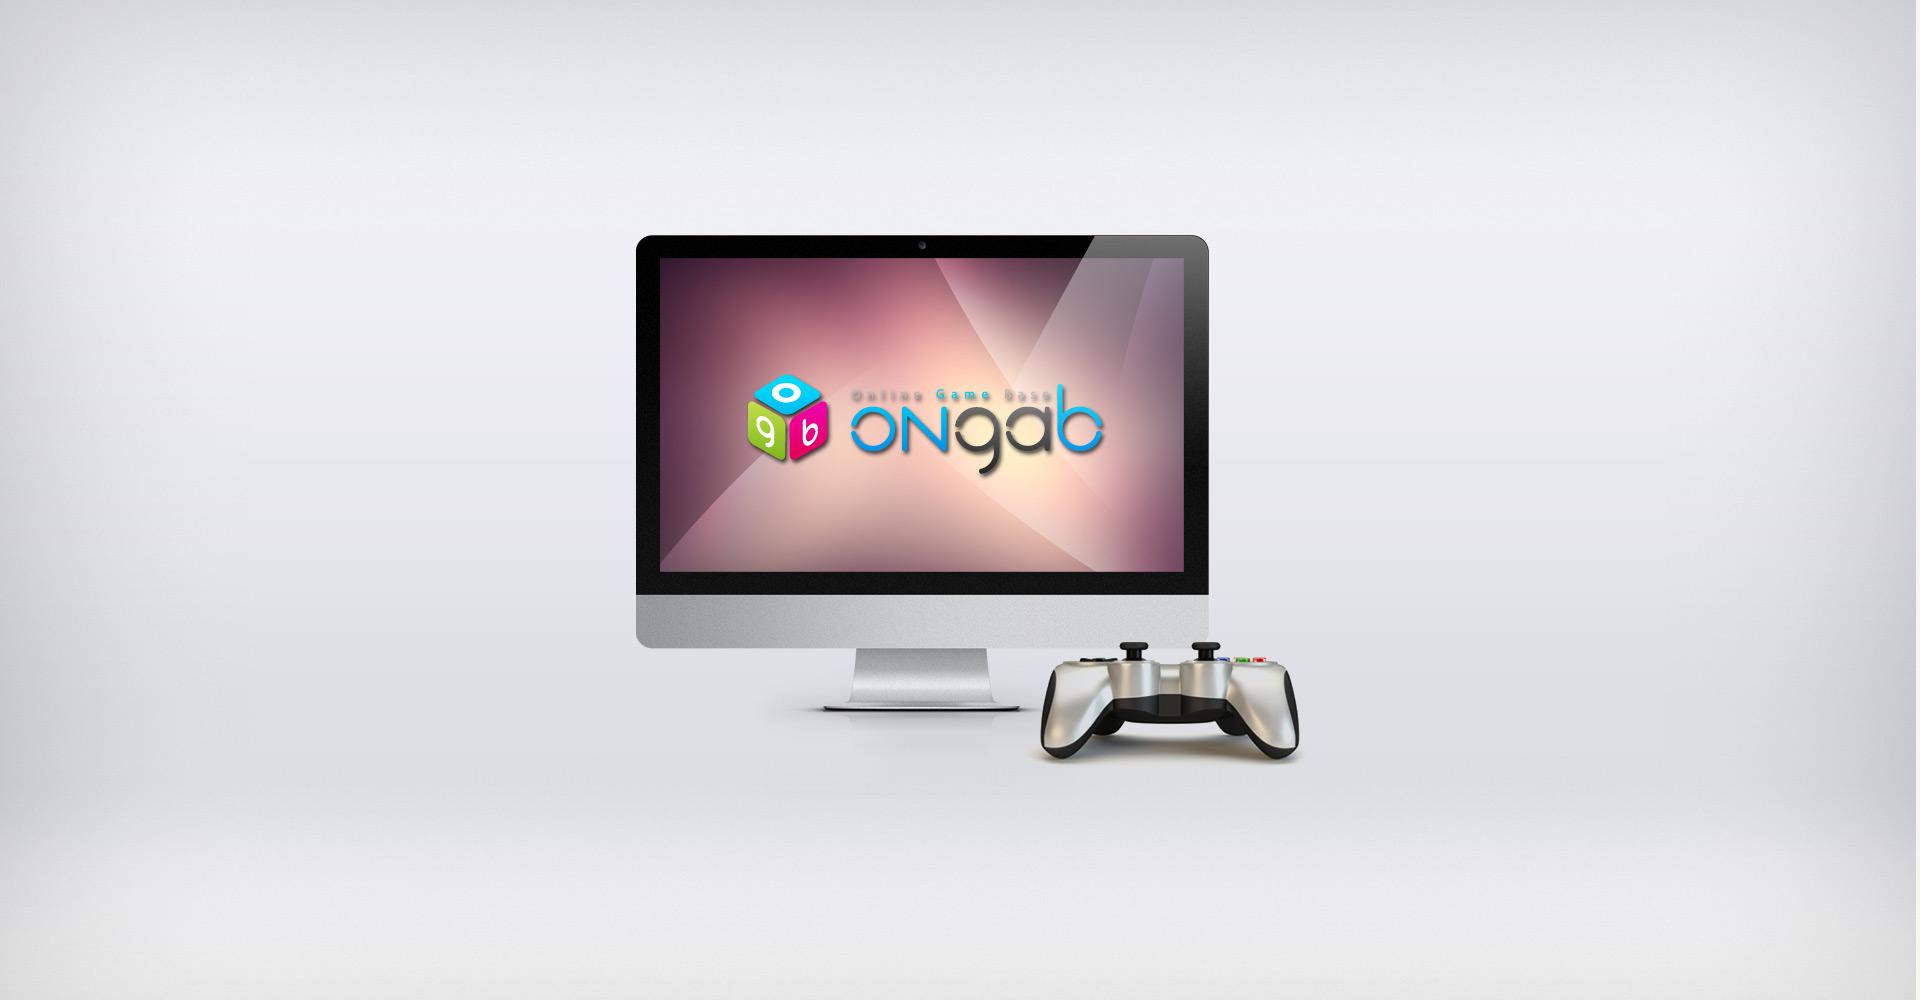 Ongab — из терни к звездам. Своя социальная сеть любителей ММОРПГ игр.